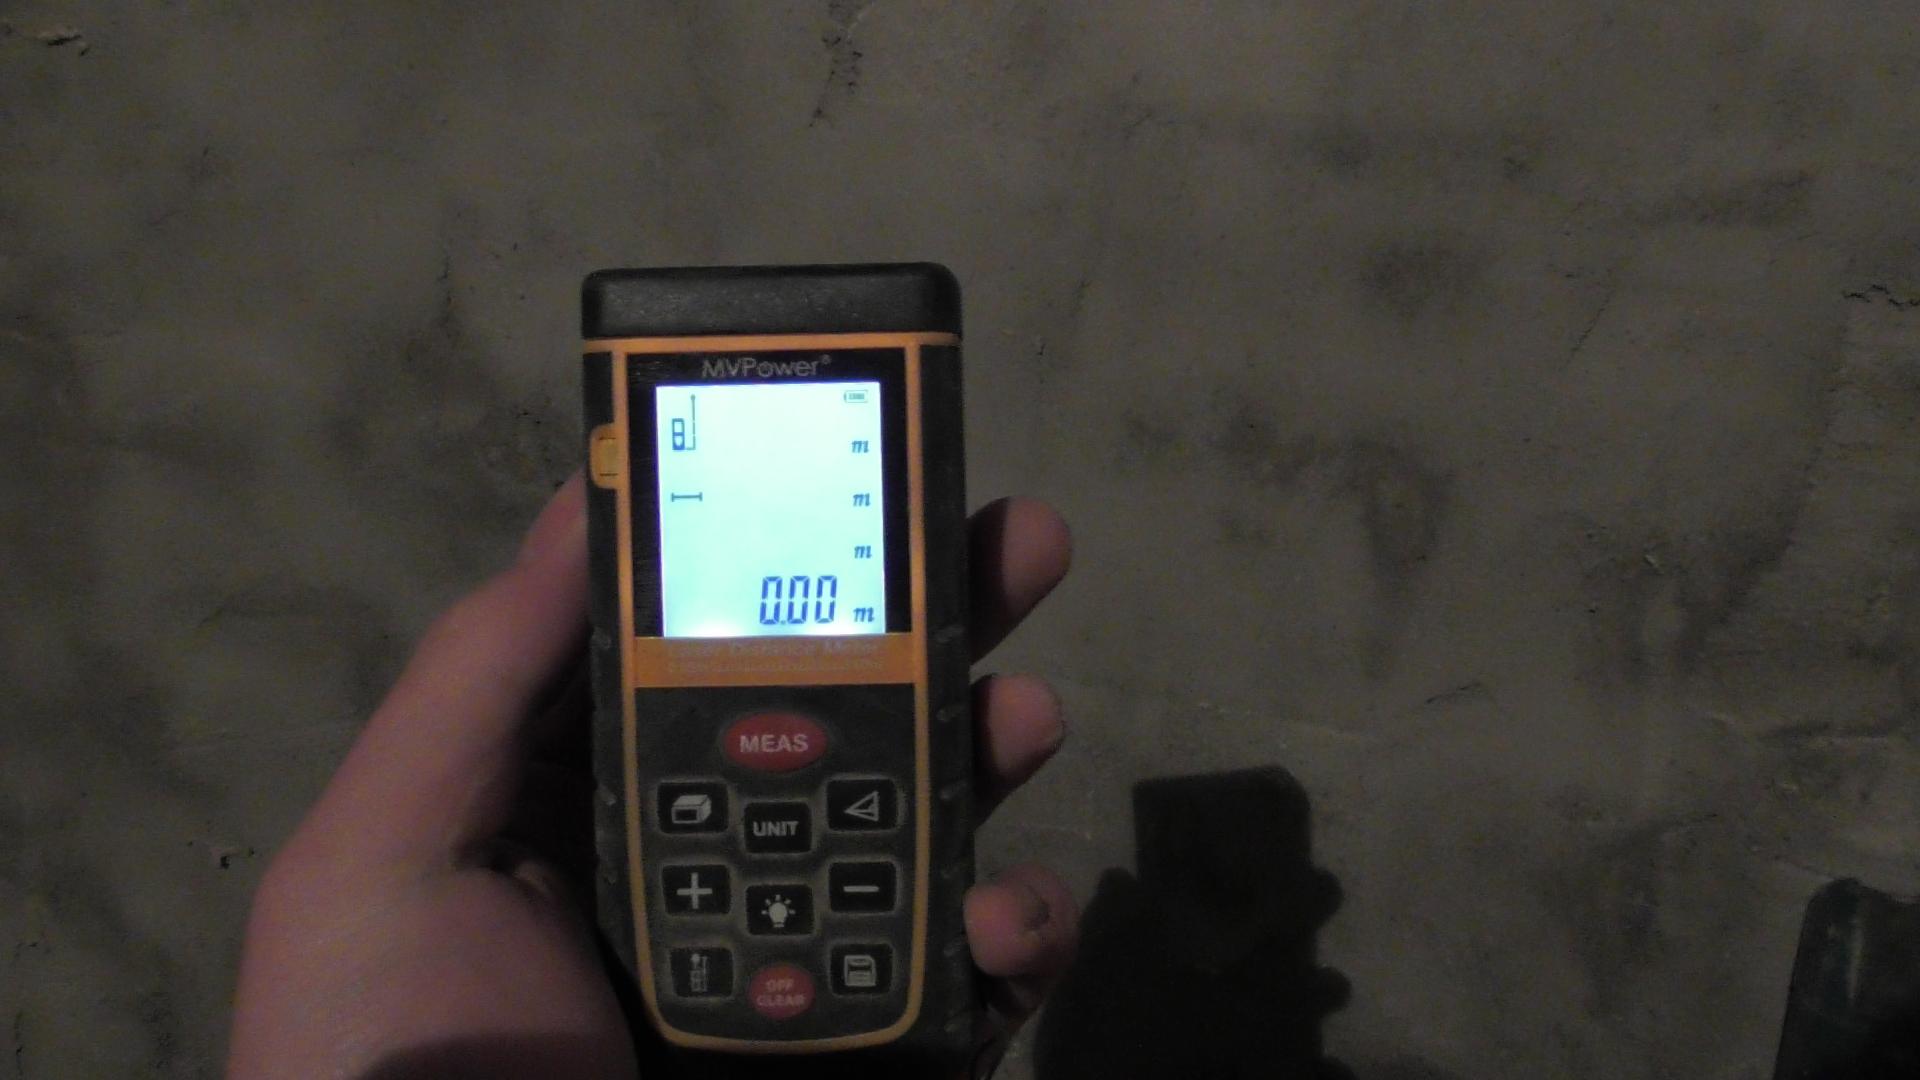 Makita Laser Entfernungsmesser : Laser entfernungsmesser messgerät plattenheber.org